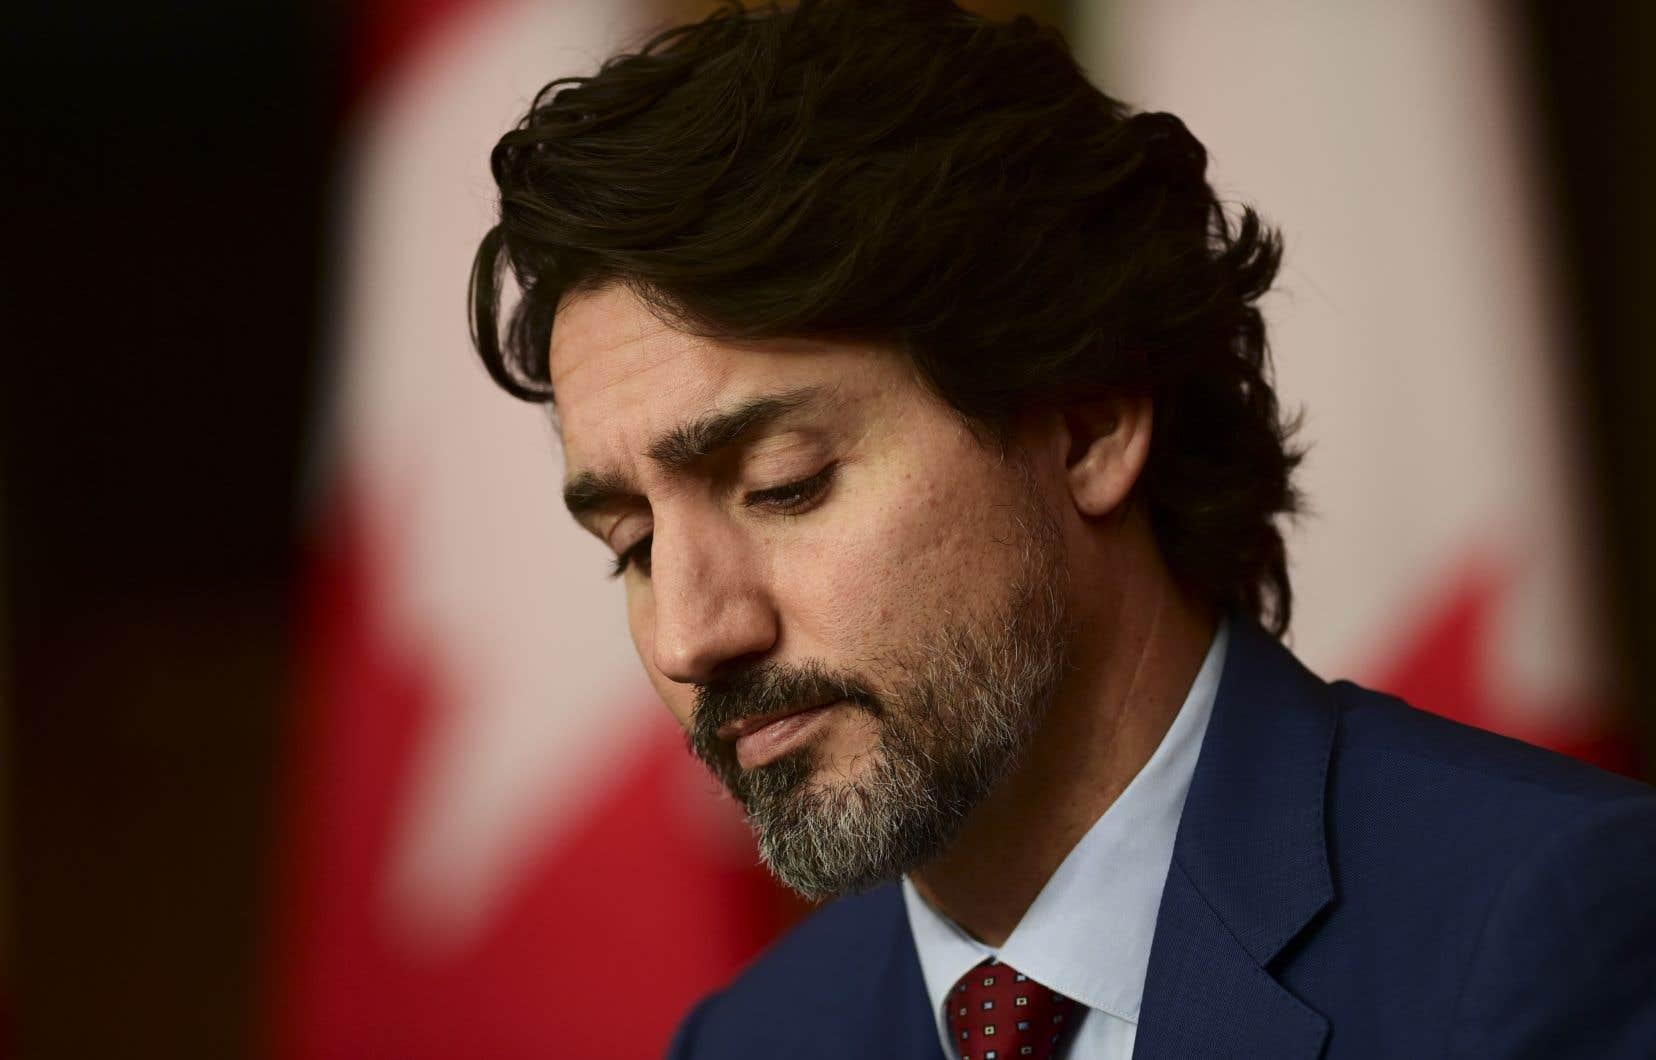 Le gouvernement de Justin Trudeau a survécu à son vote de confiance sur le discours du Trône, mais il semble vouloir remettre sa survie en jeu, cette fois avec l'affaire UNIS.